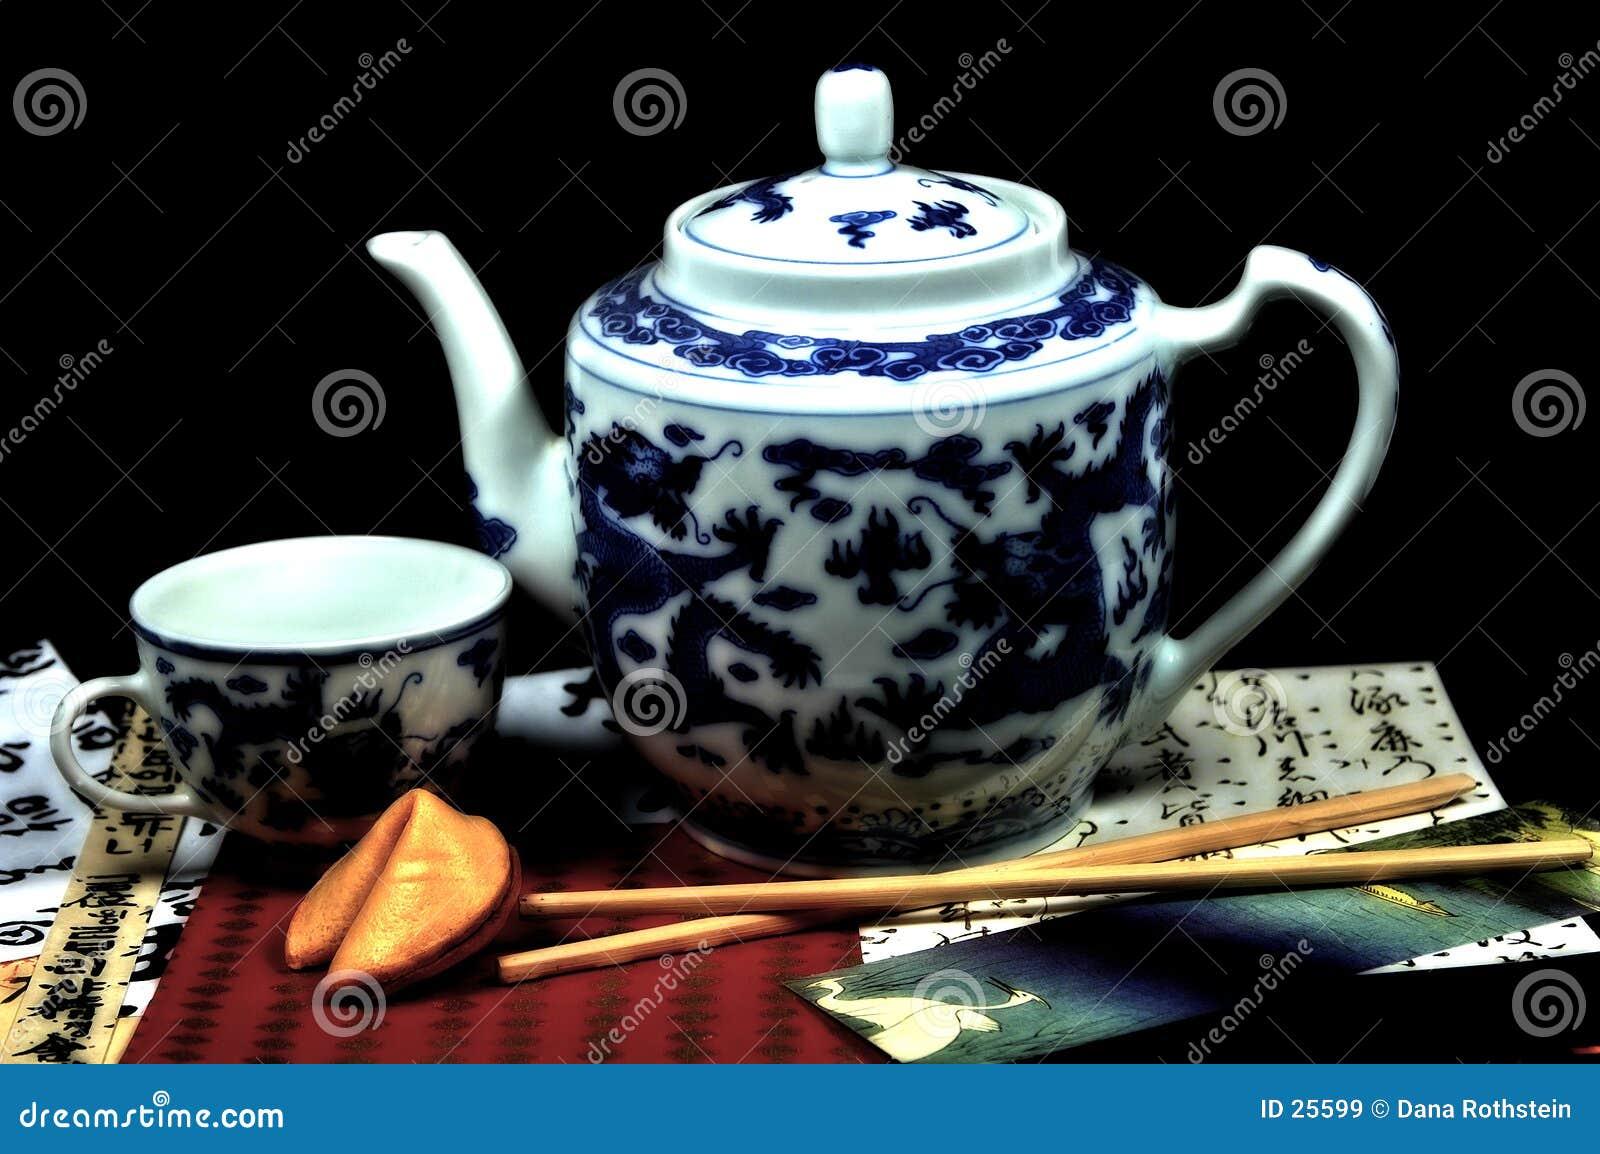 Orientalisches Tee-Set